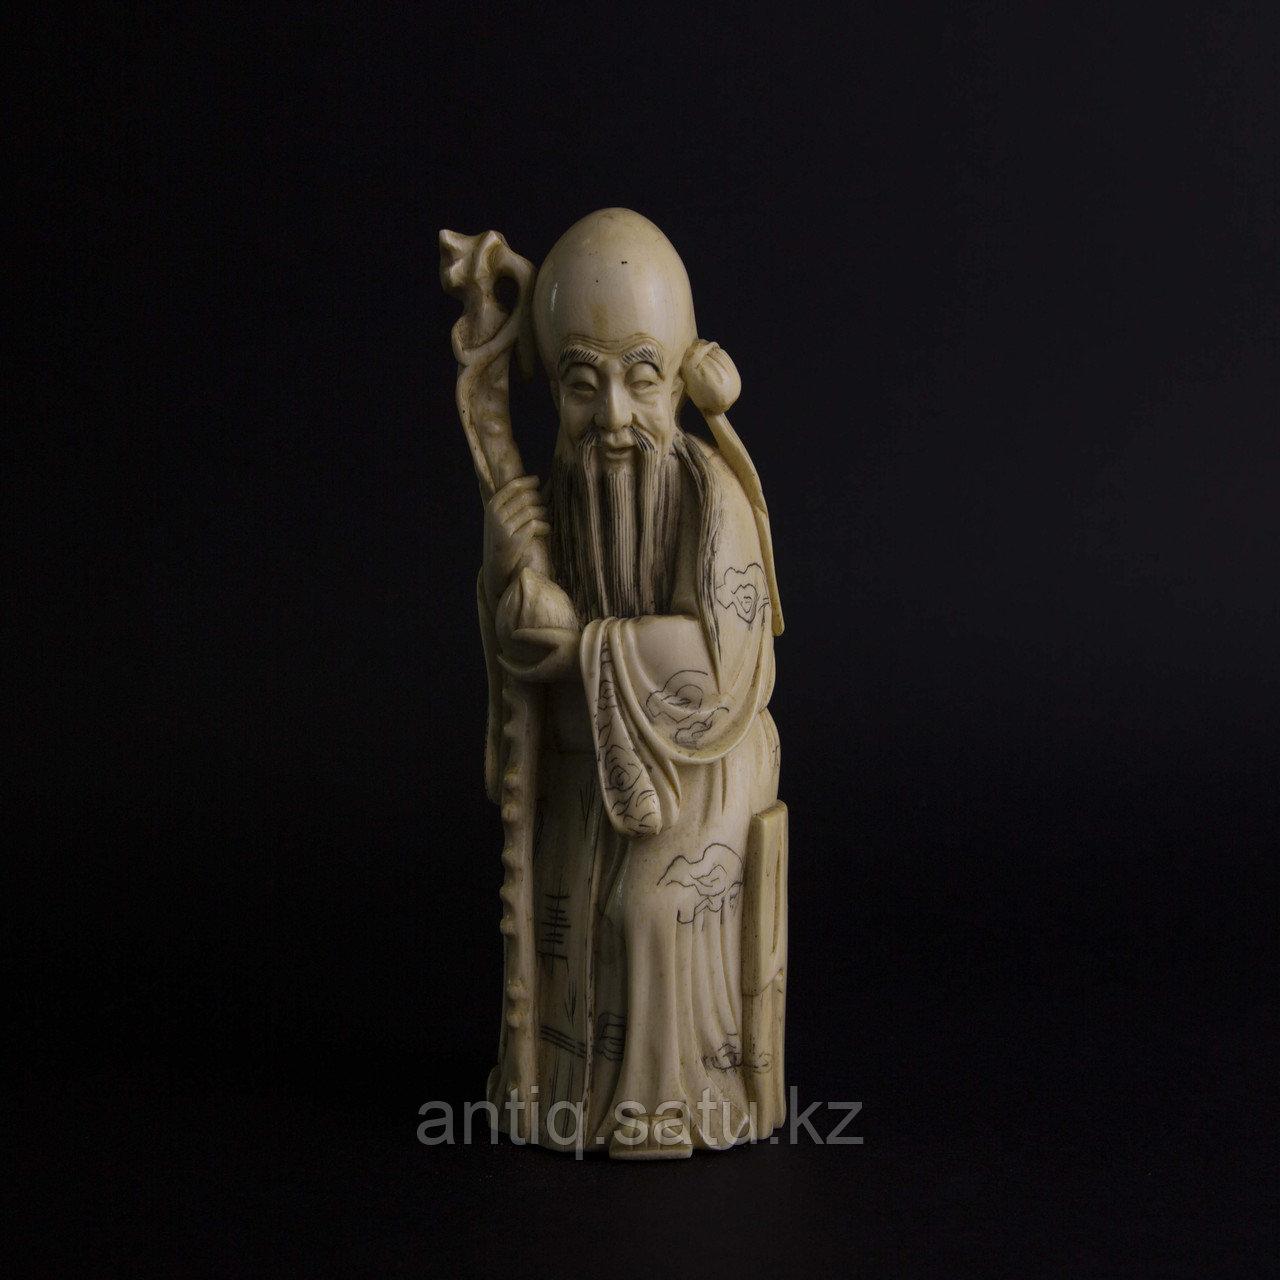 Окимоно Шоу-син (Шу, Сау) один из трех звездный старцев. Бог долголетие. - фото 2